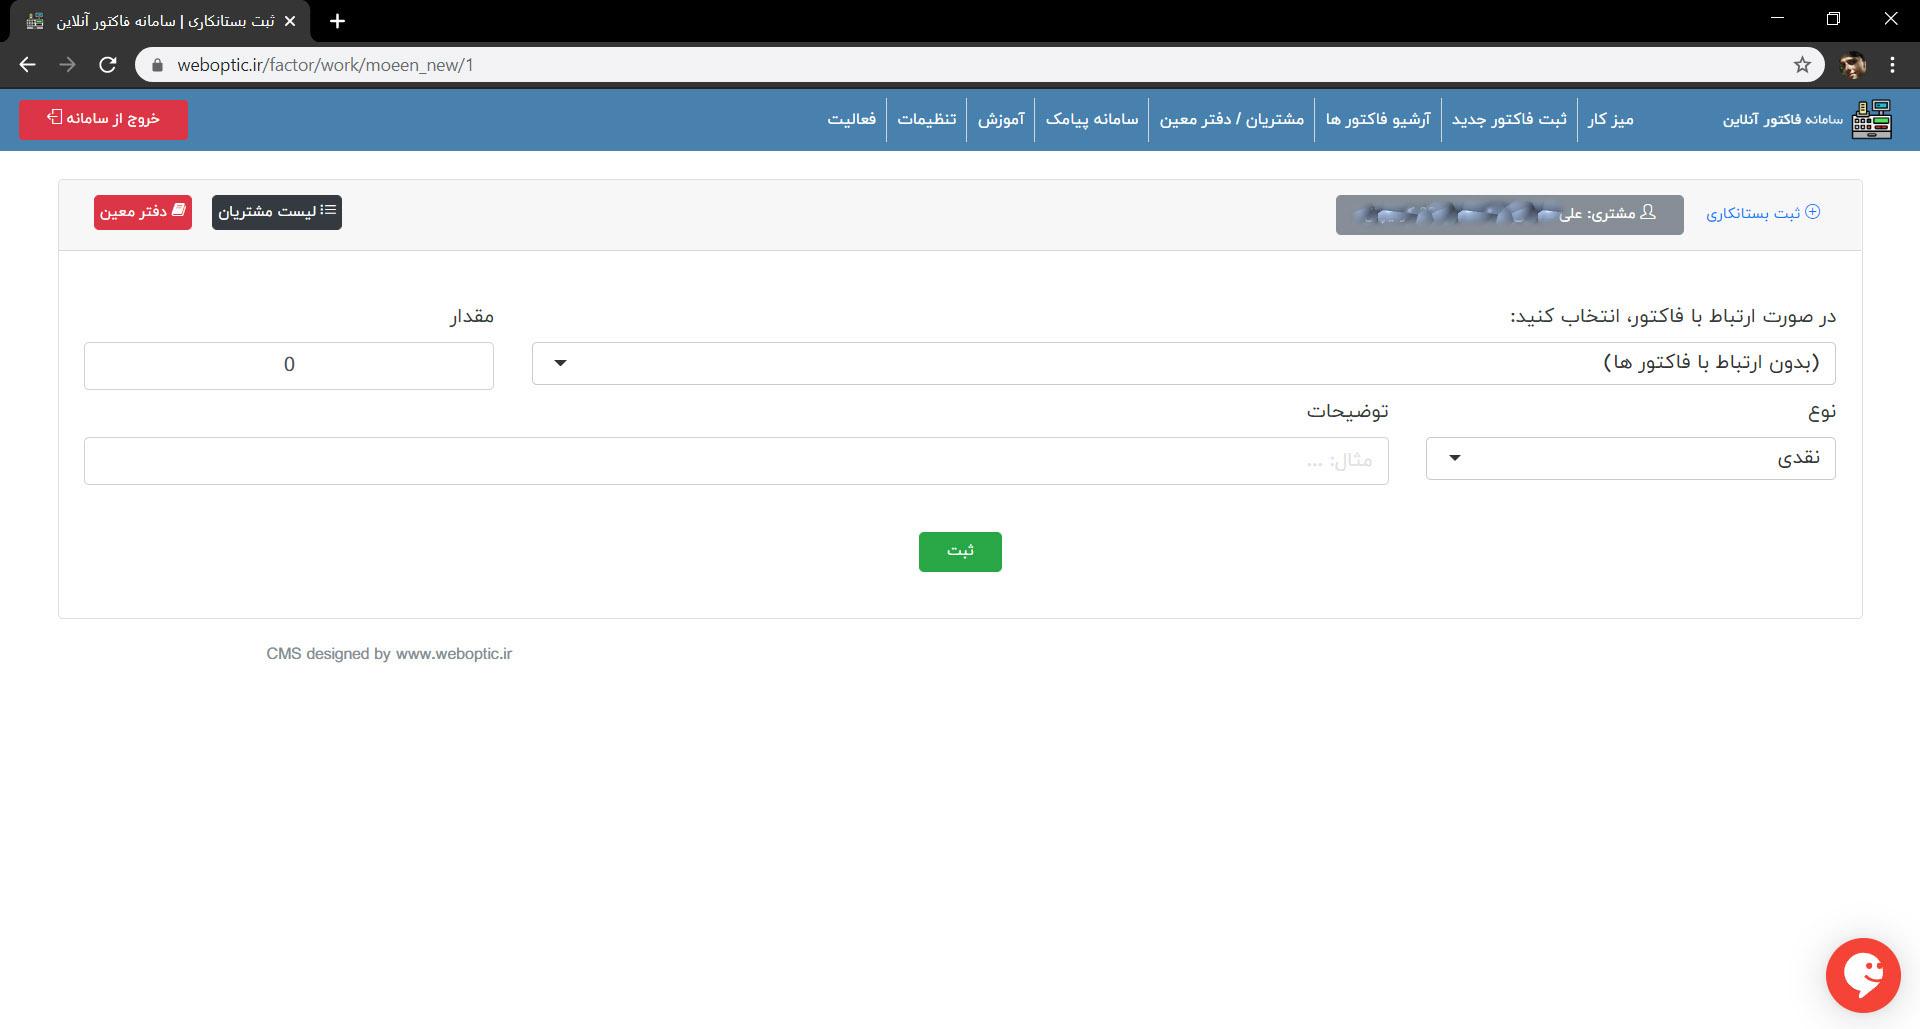 ثبت بستانکاری جدید برای دفتر معین مشتری رایگان در سامانه فاکتور آنلاین